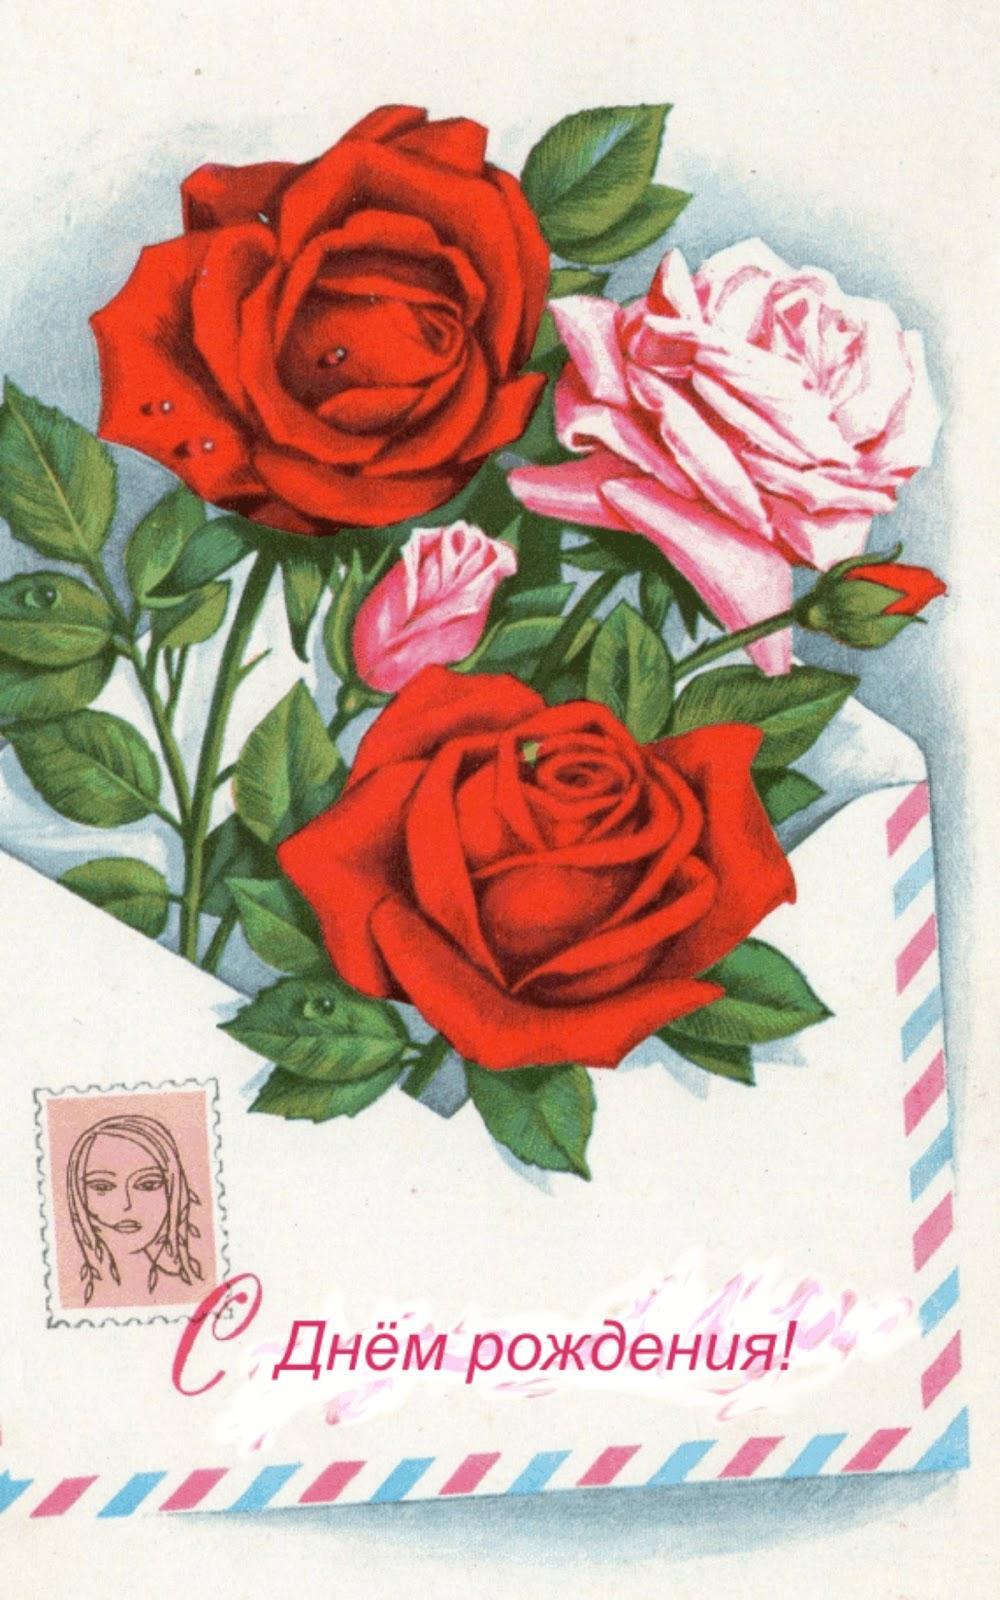 Как отправить открытку на день рождения 714